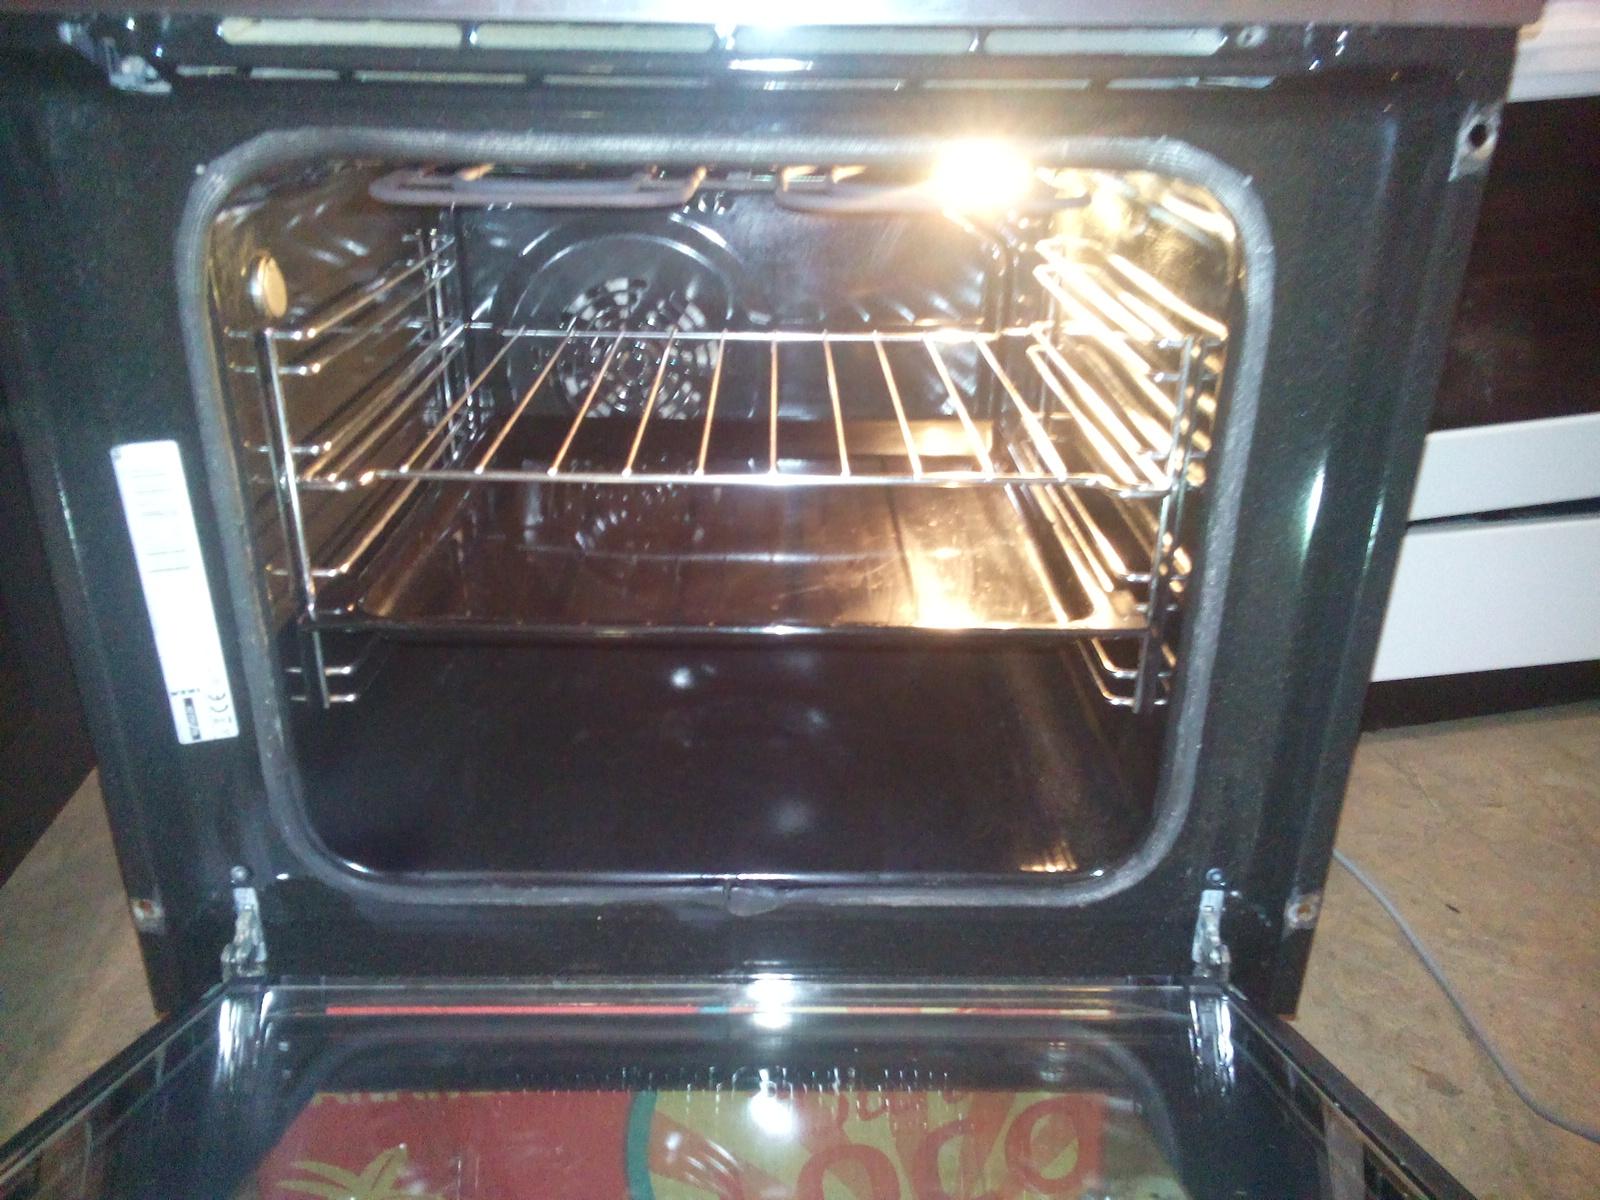 Гидролизная очистка духовки: что это такое?